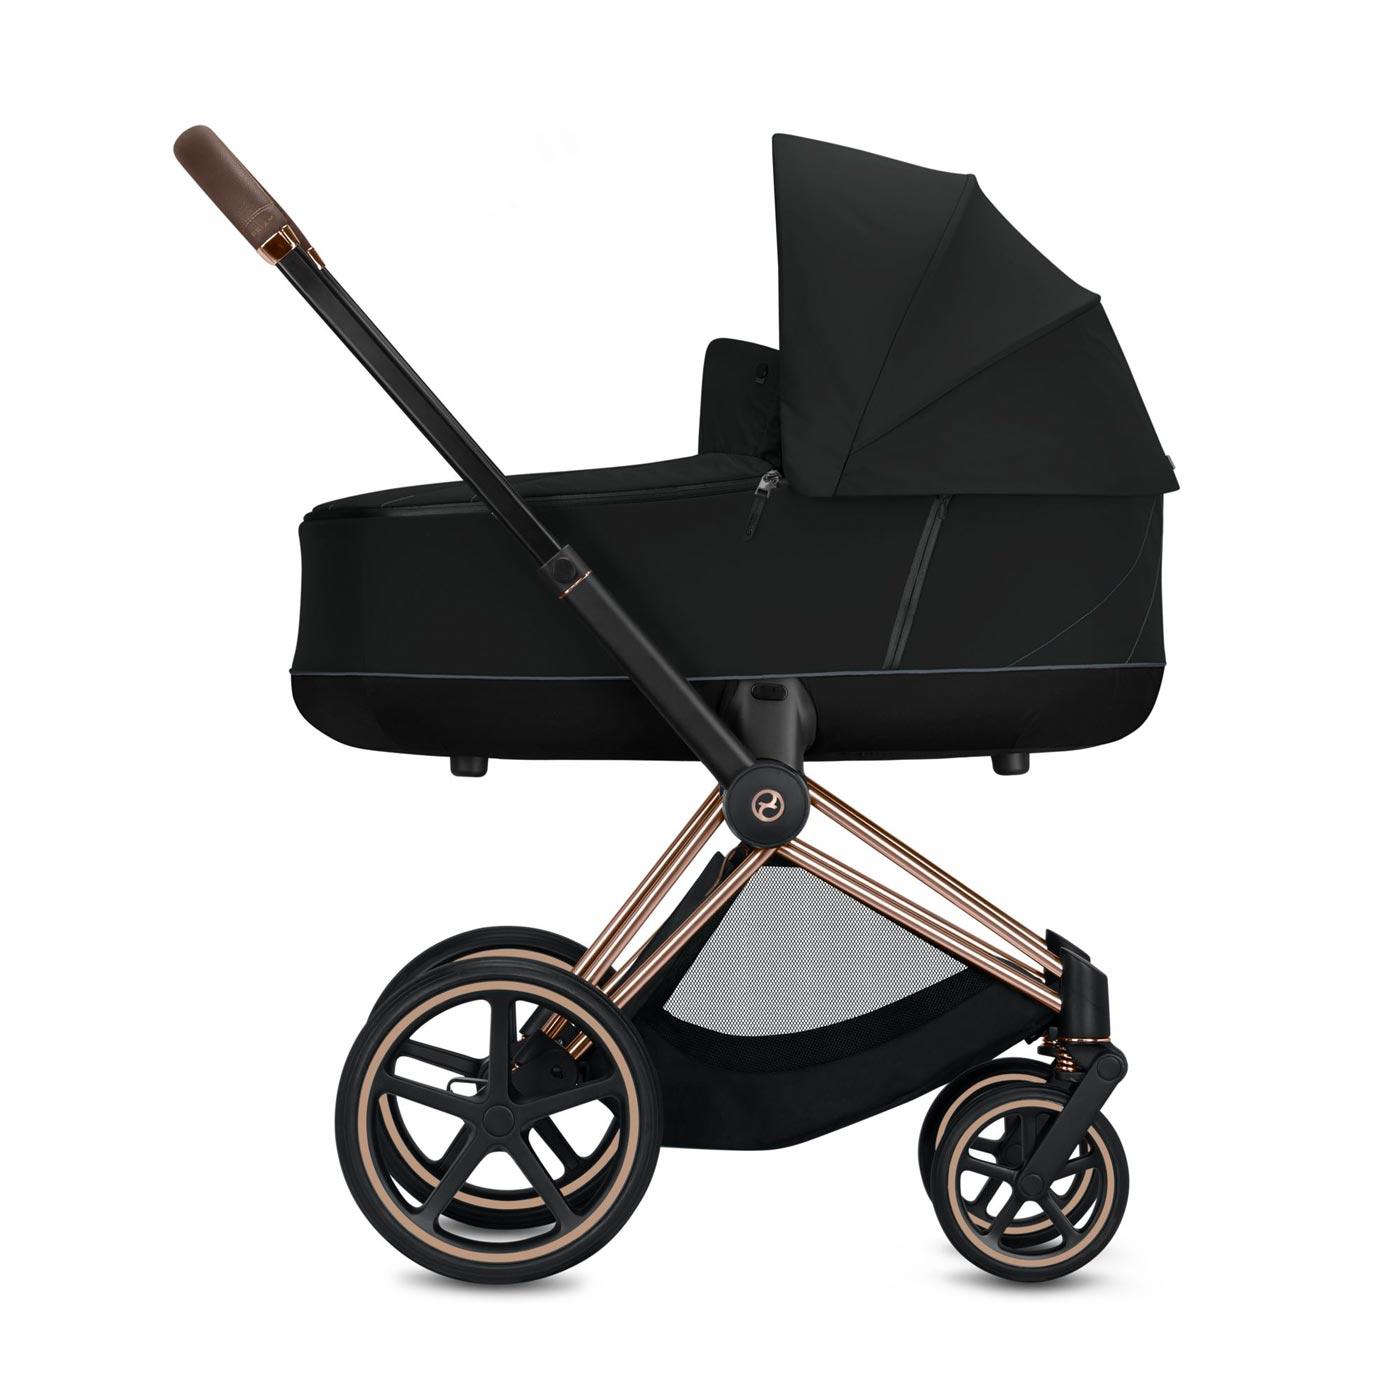 Cybex Priam Kinderwagen in Schwarz oder Blau, inkl. Sportsitz und Wanne